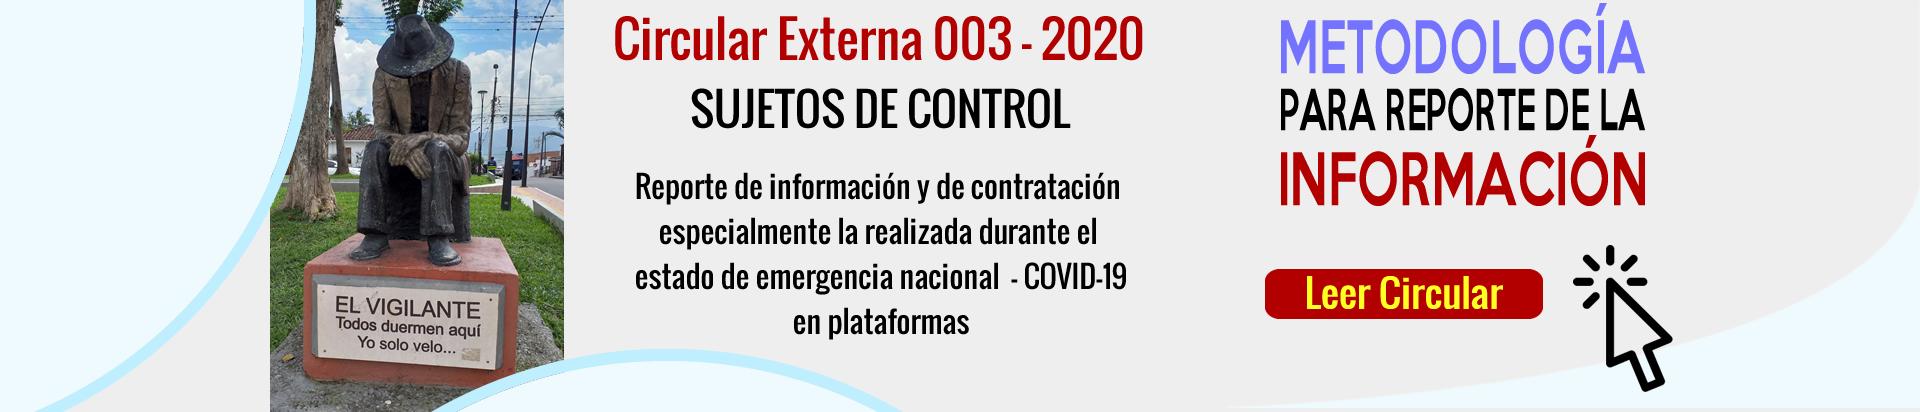 circular_003_2020